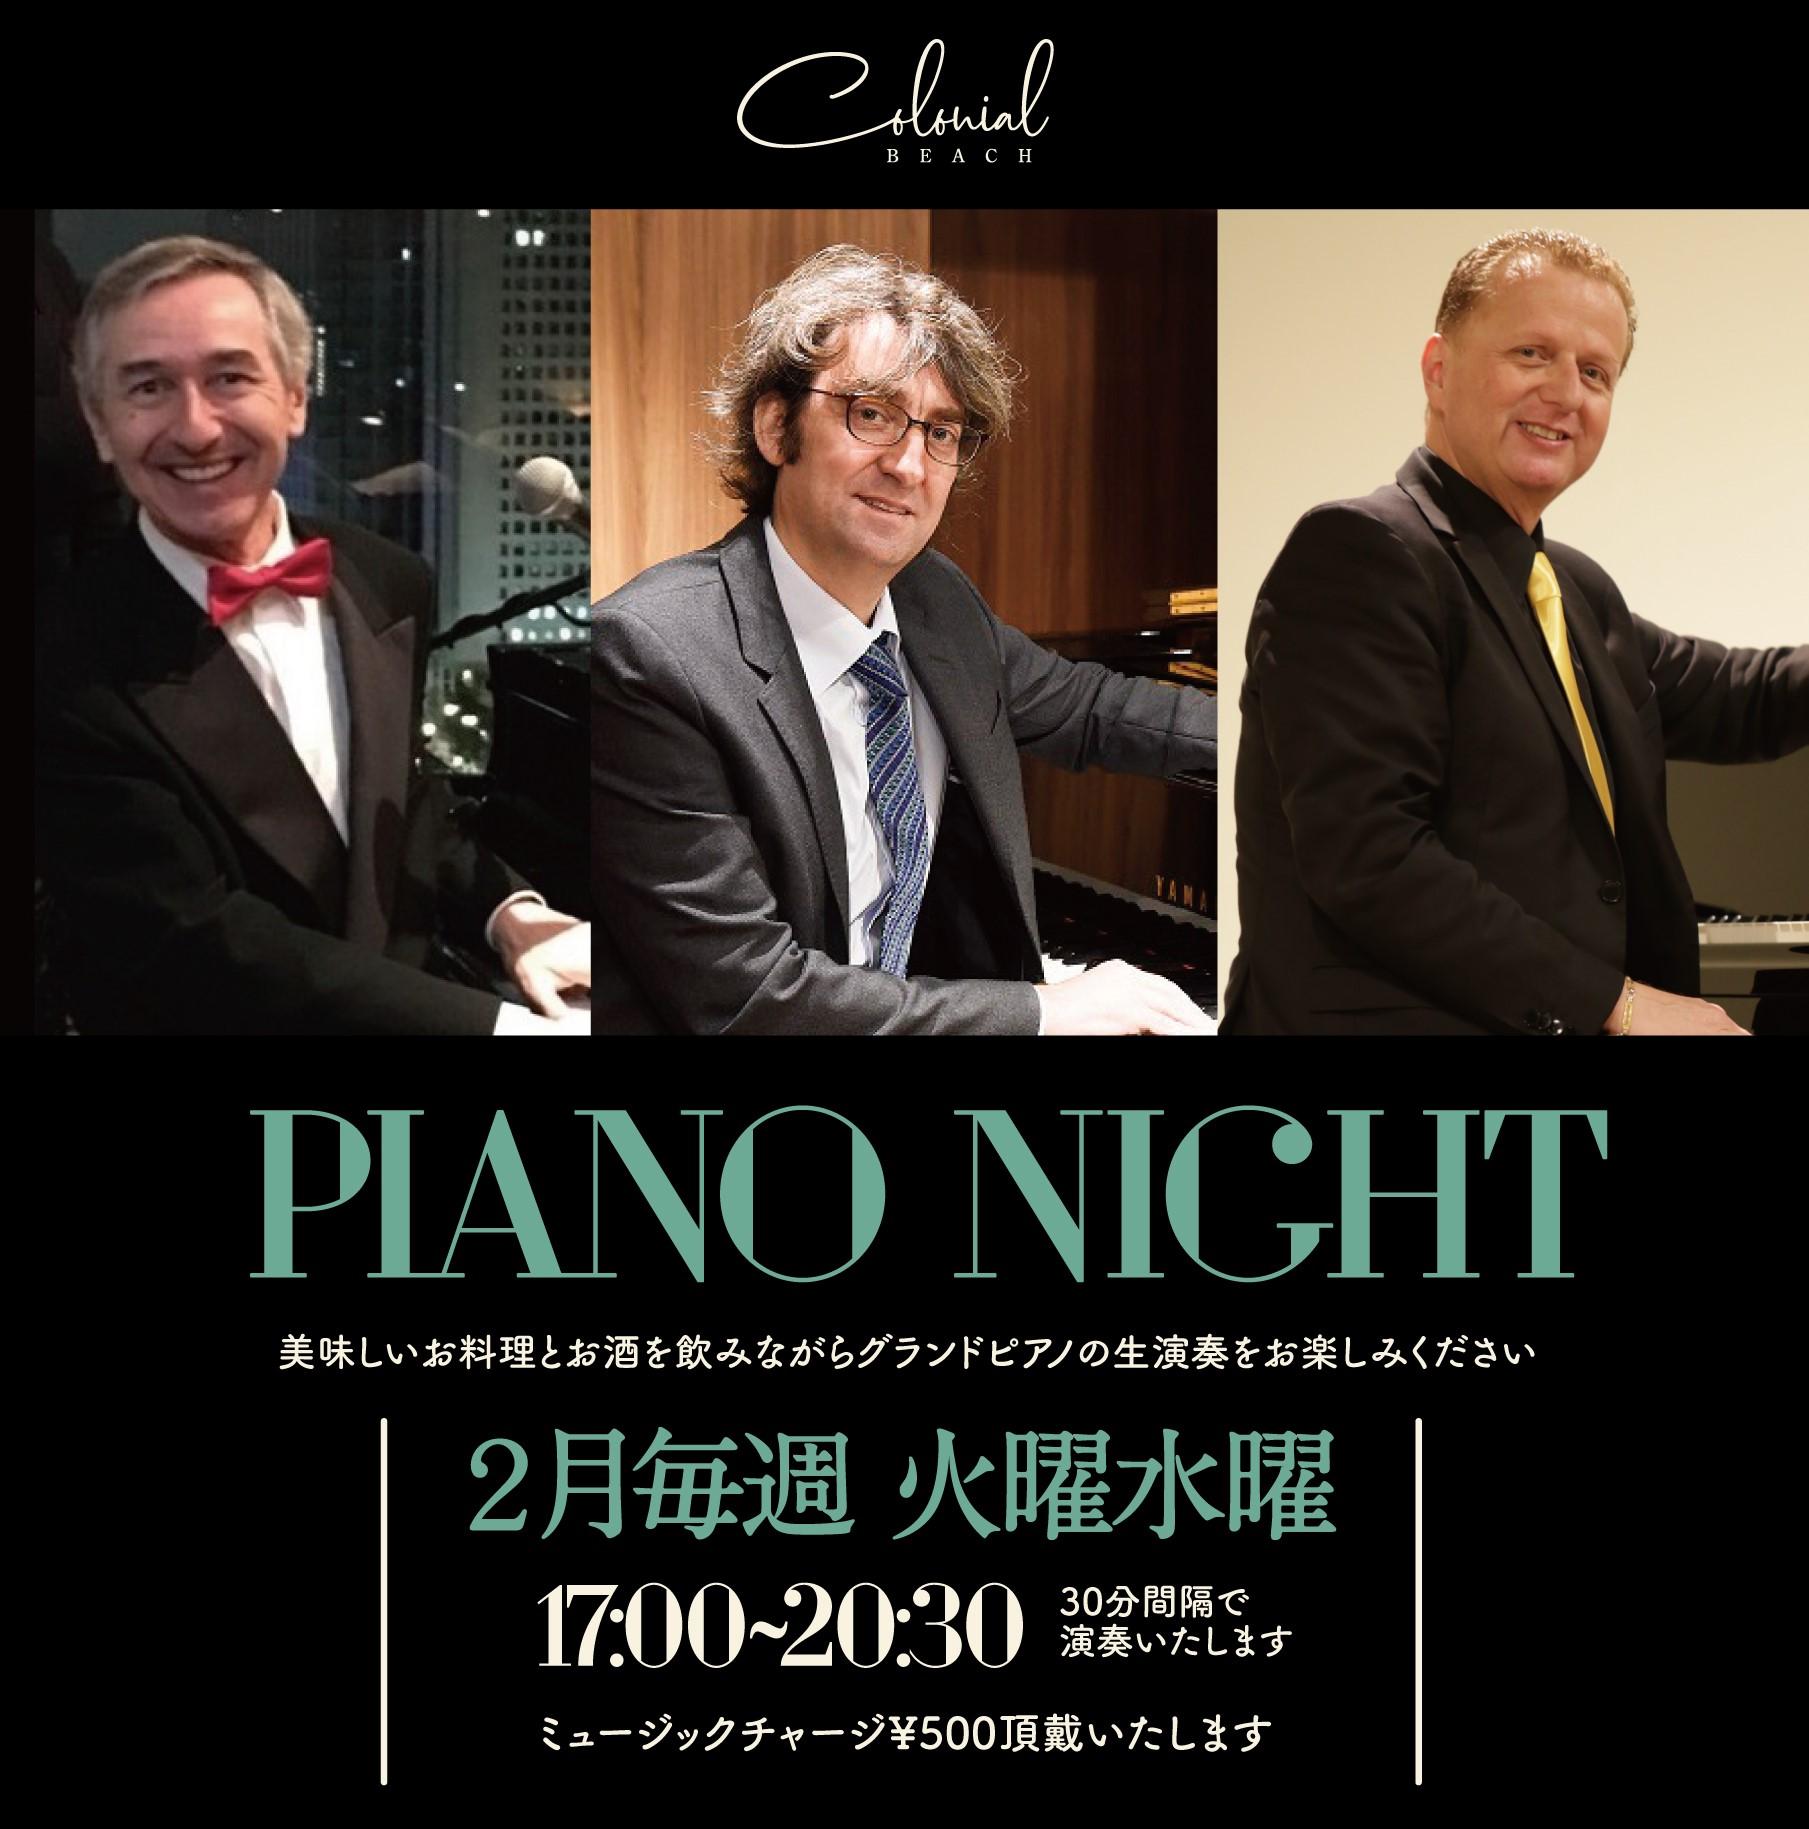 【2月 毎週火曜水曜】PIANO NIGHT開催!